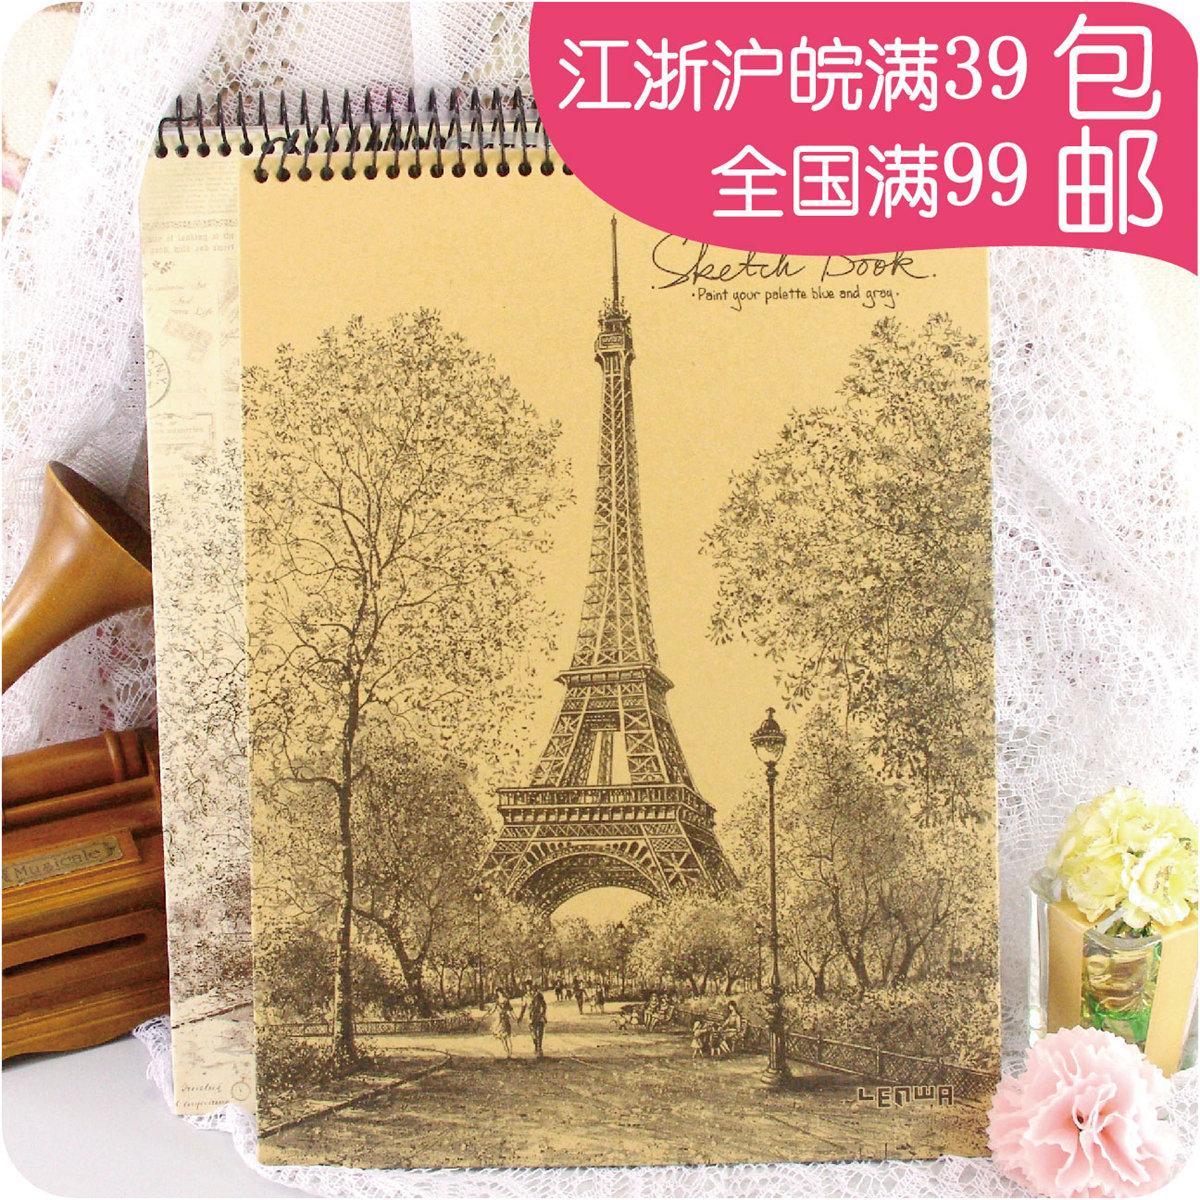 埃菲尔铁塔素描图片_姑姑熊法国巴黎铁塔写生素描空白笔记本